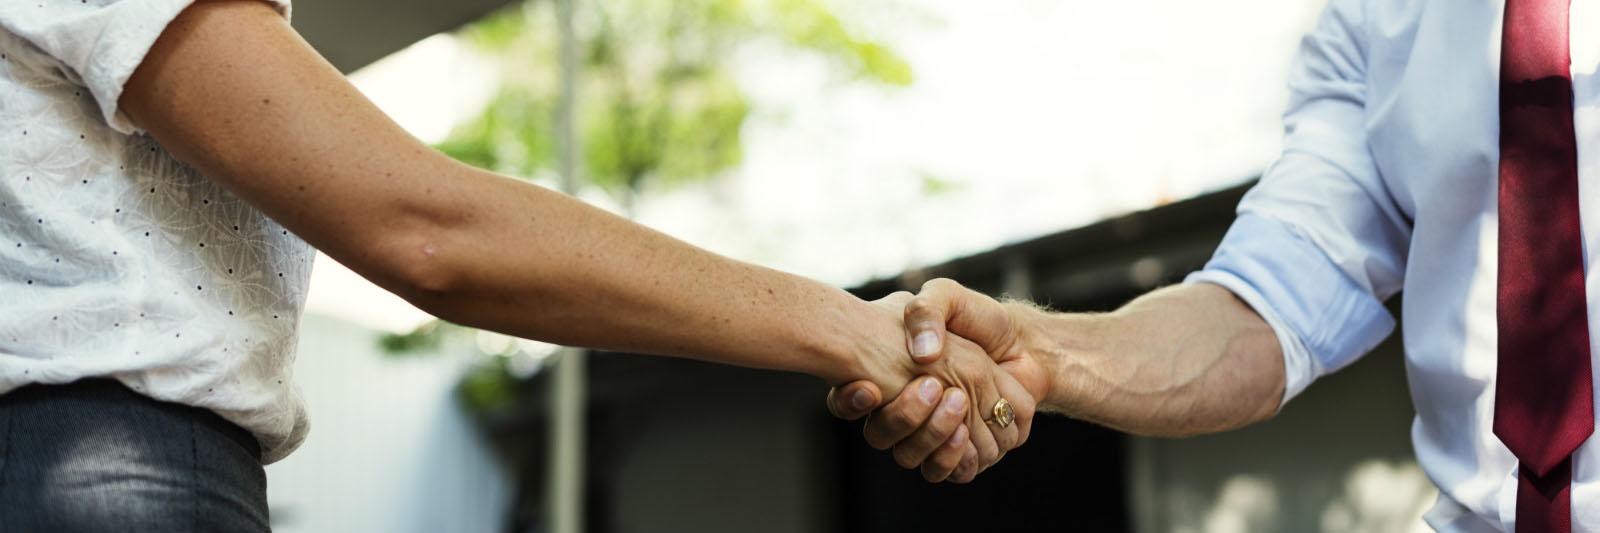 handshake-1600.jpg